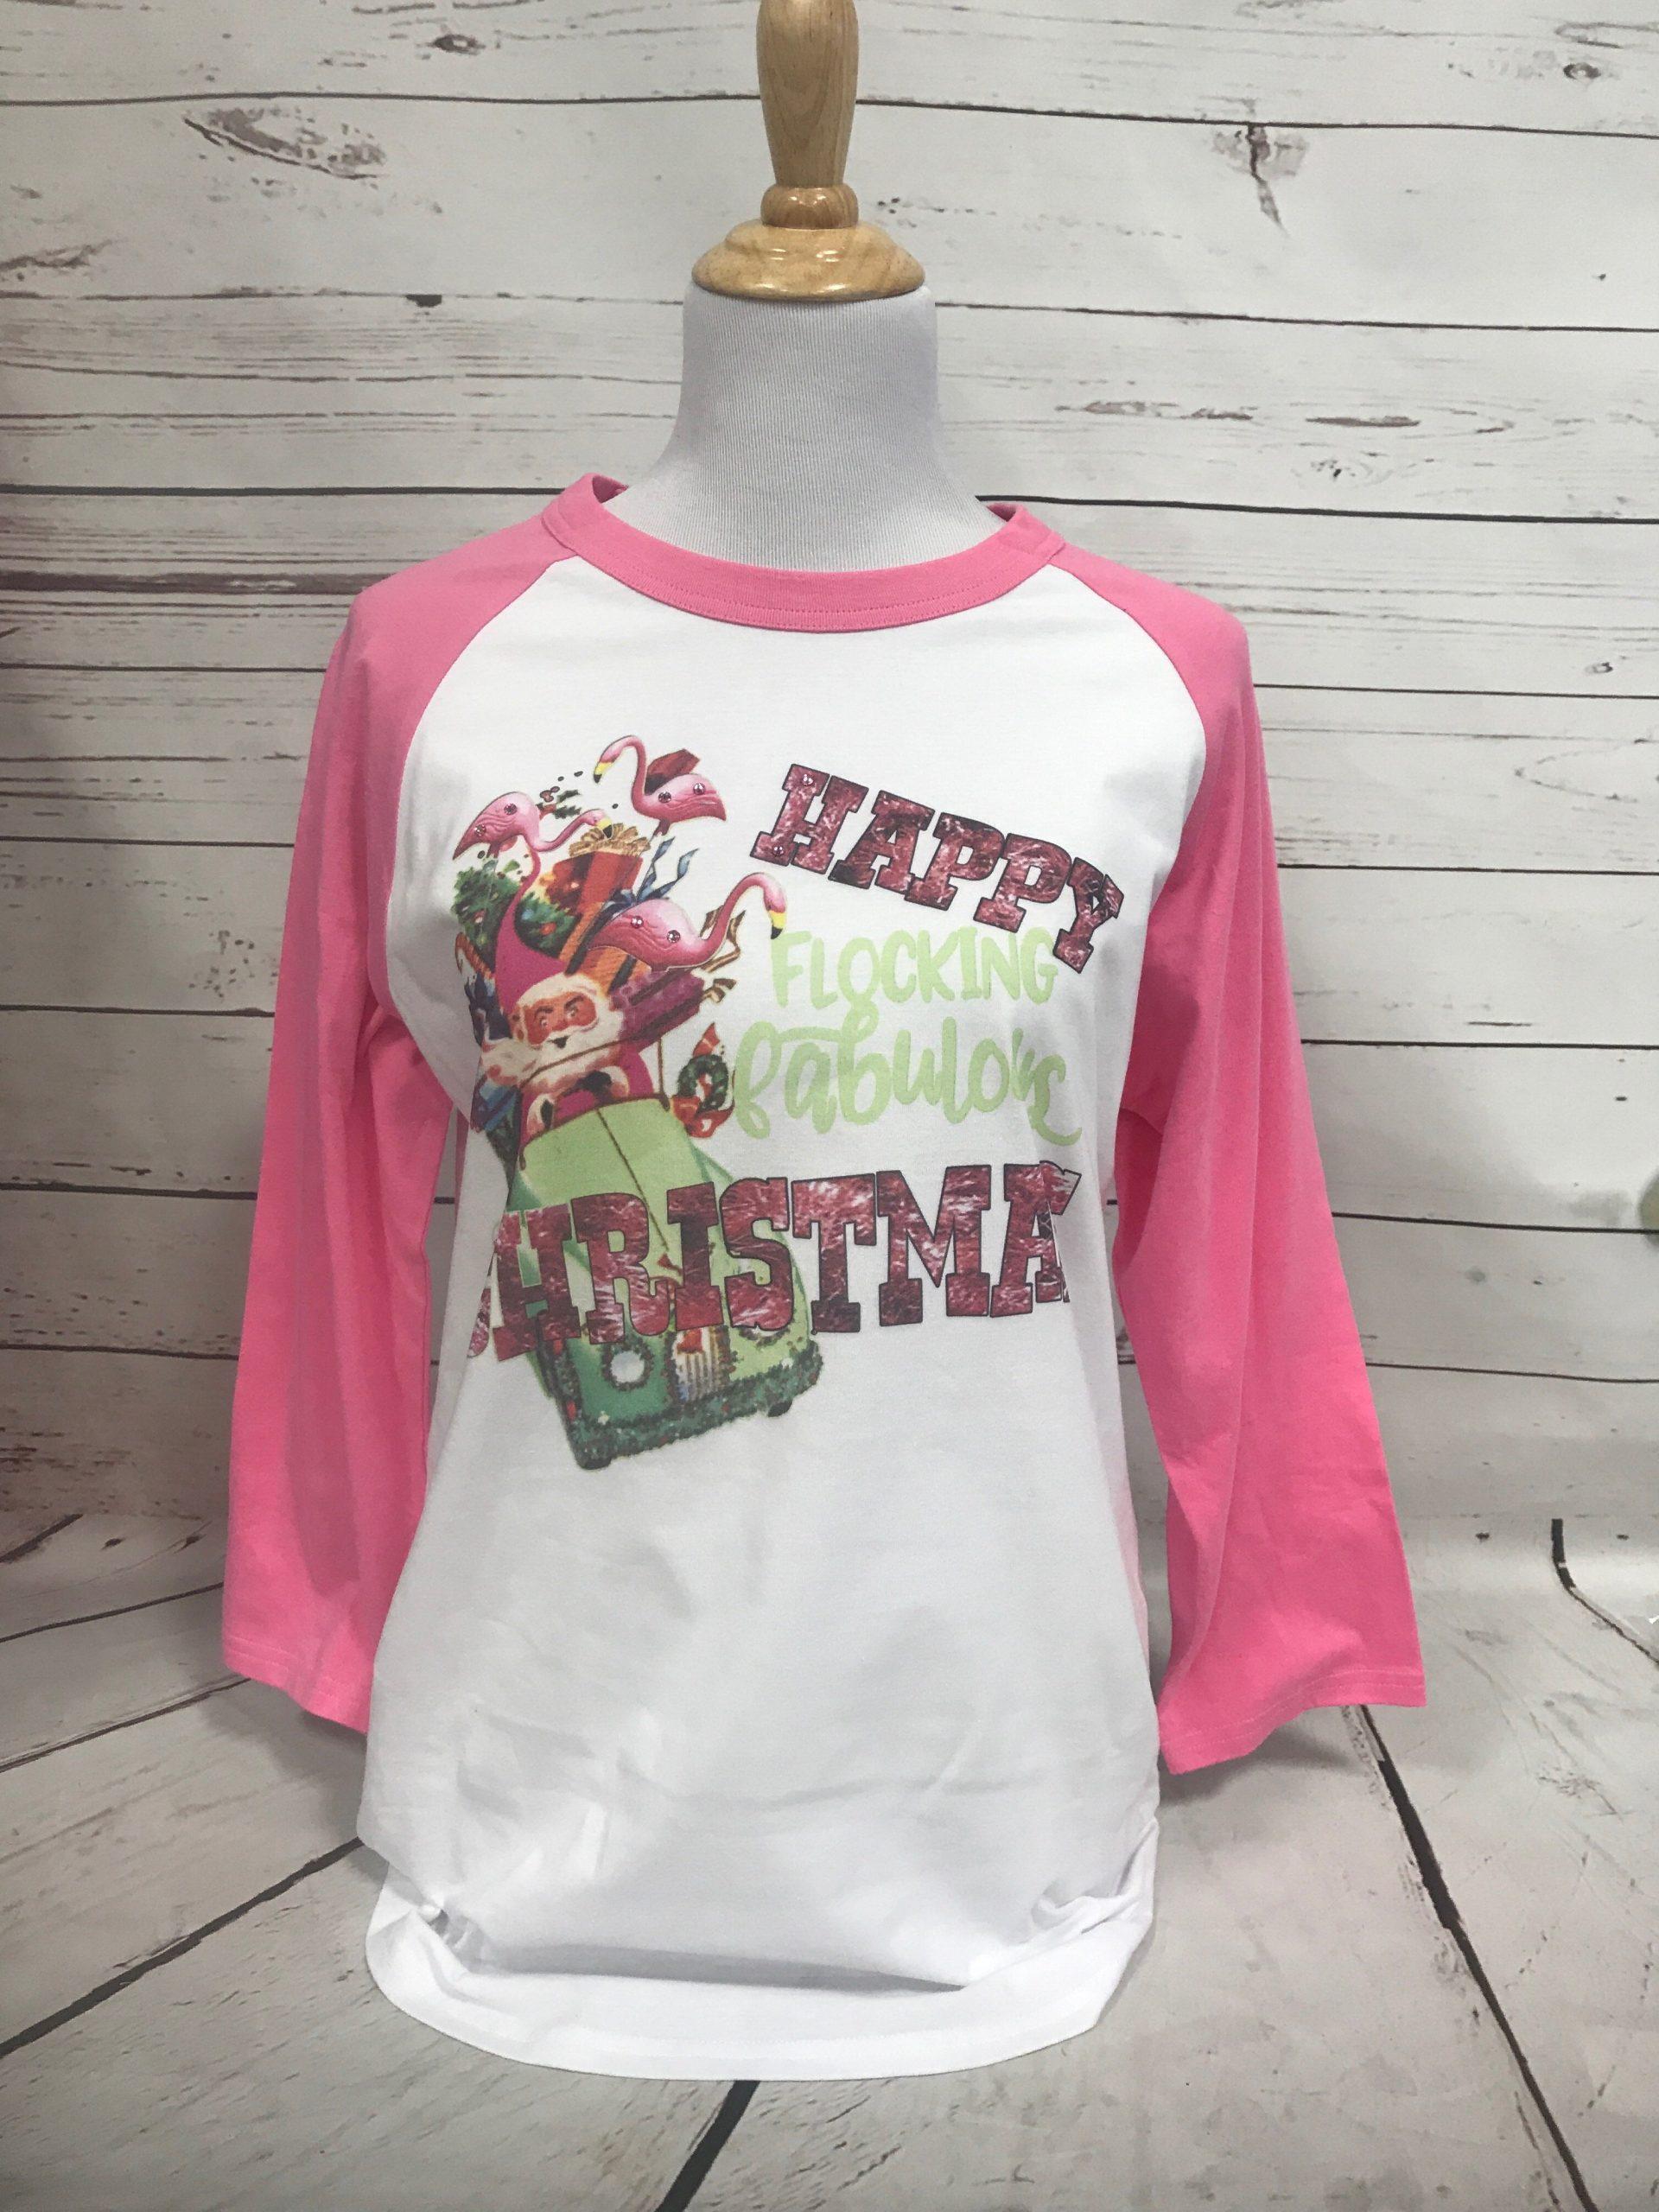 Flocking Christmas on Pink Baseball Tee